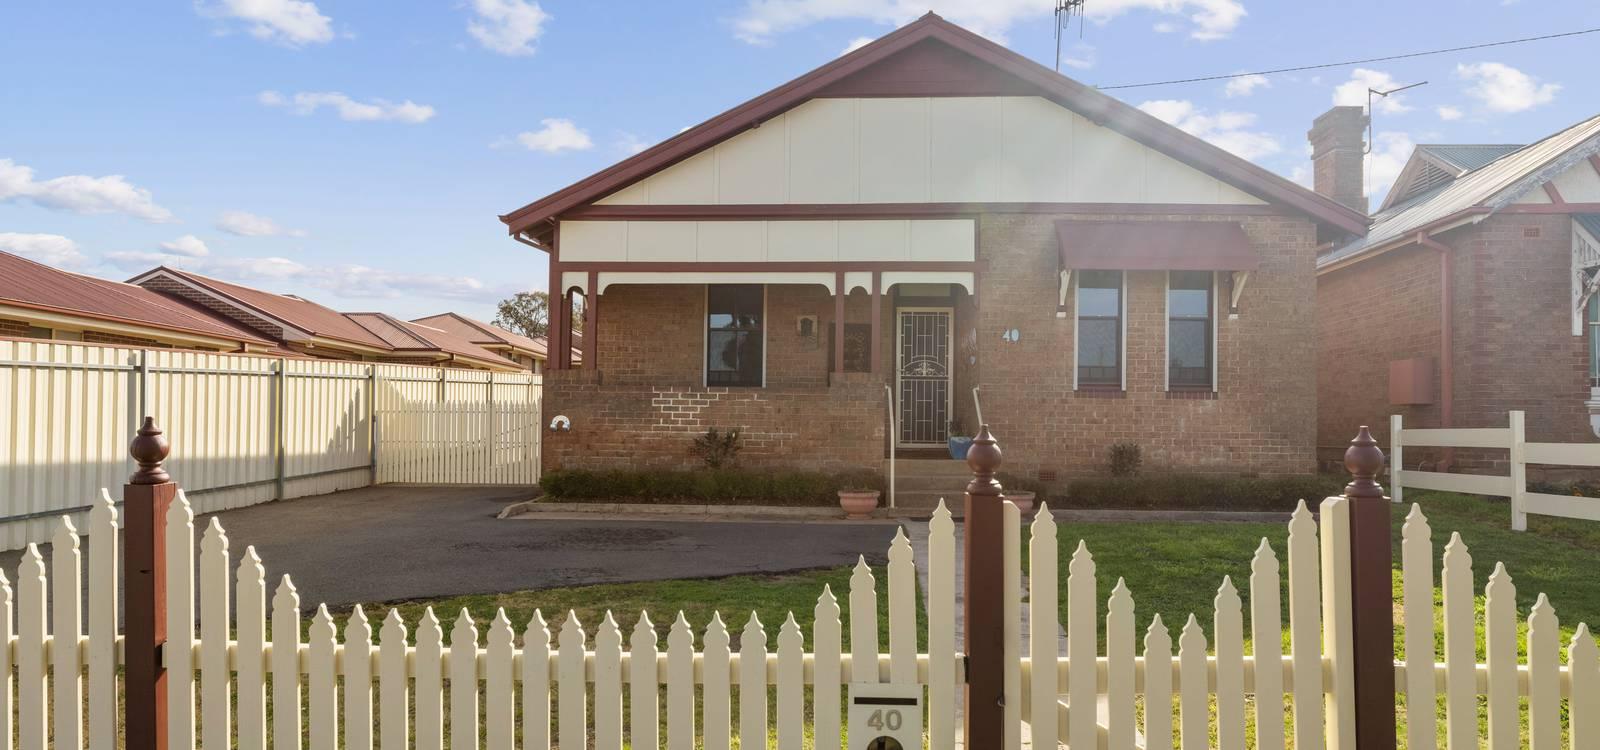 40 Cowper Street GOULBURN, NSW 2580 - photo 1